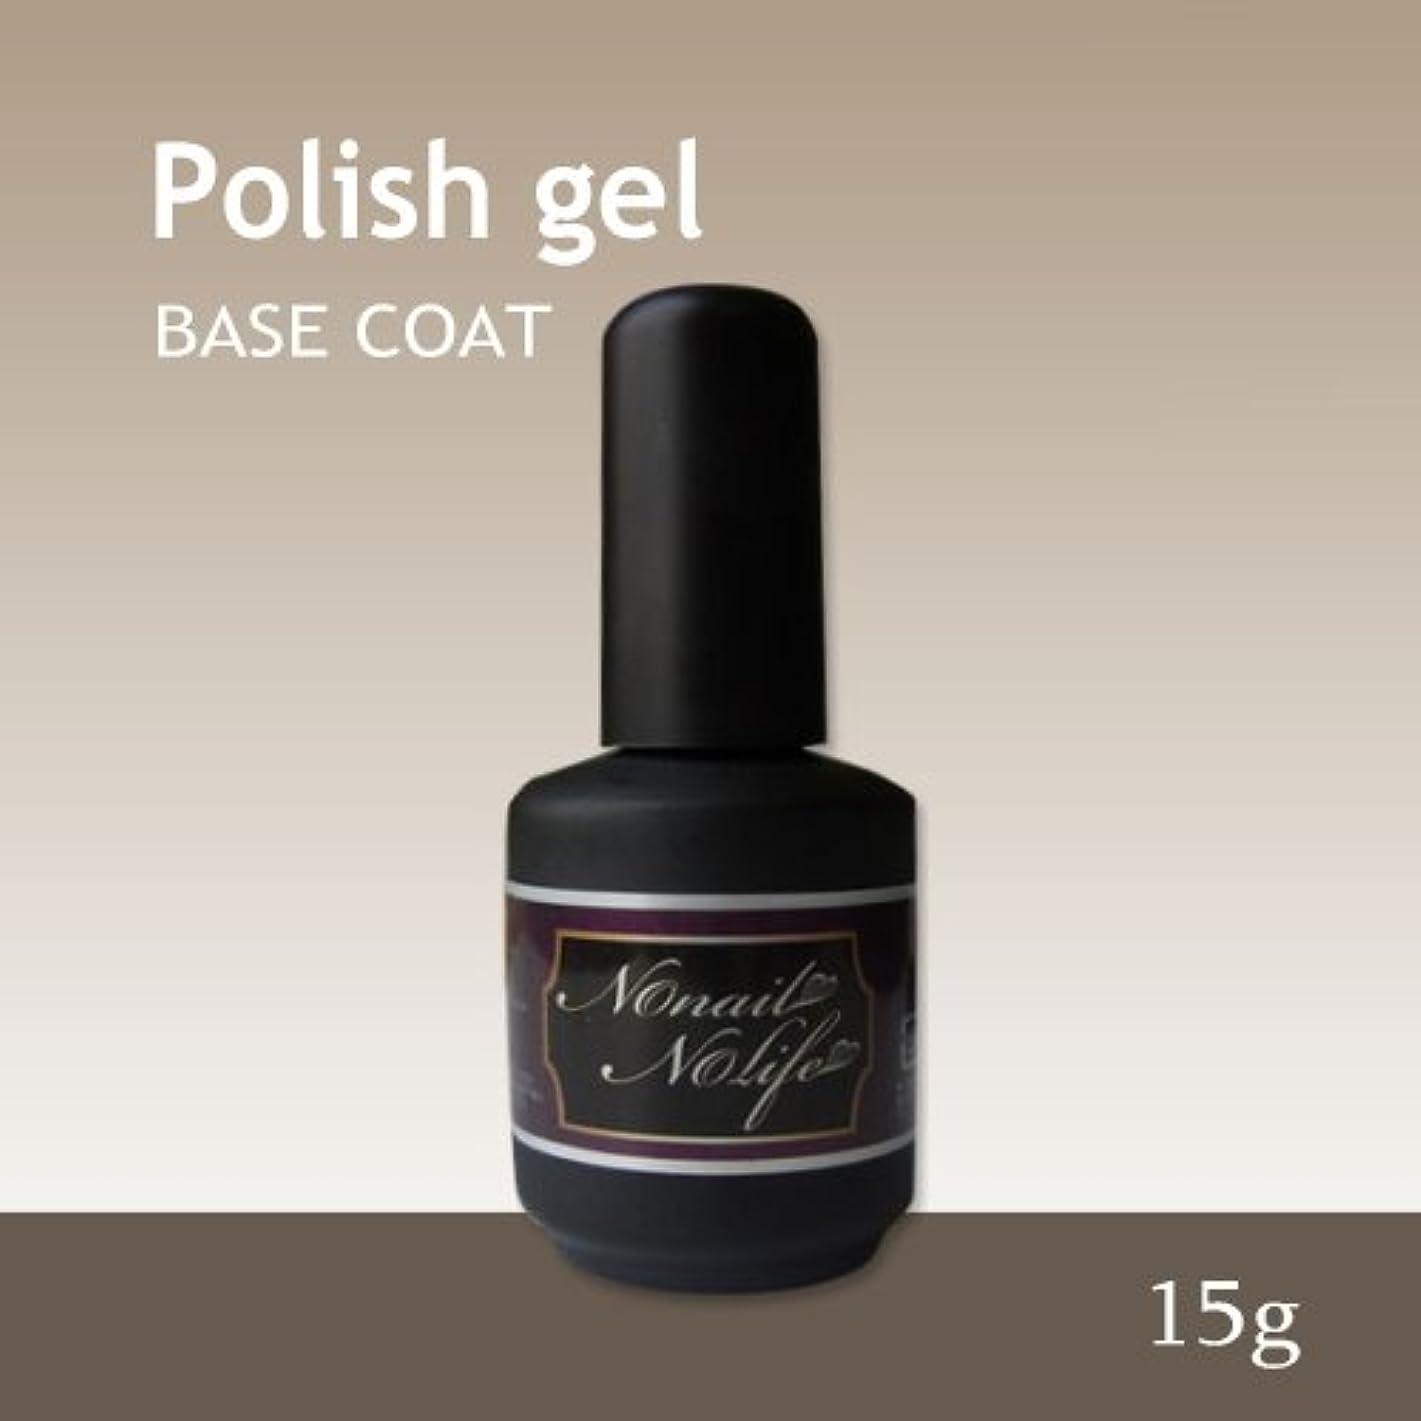 熟す観光に行くなぜジェルネイル《サンディング不要のベースコート》Natural Polish ポリッシュベースジェル(15g)